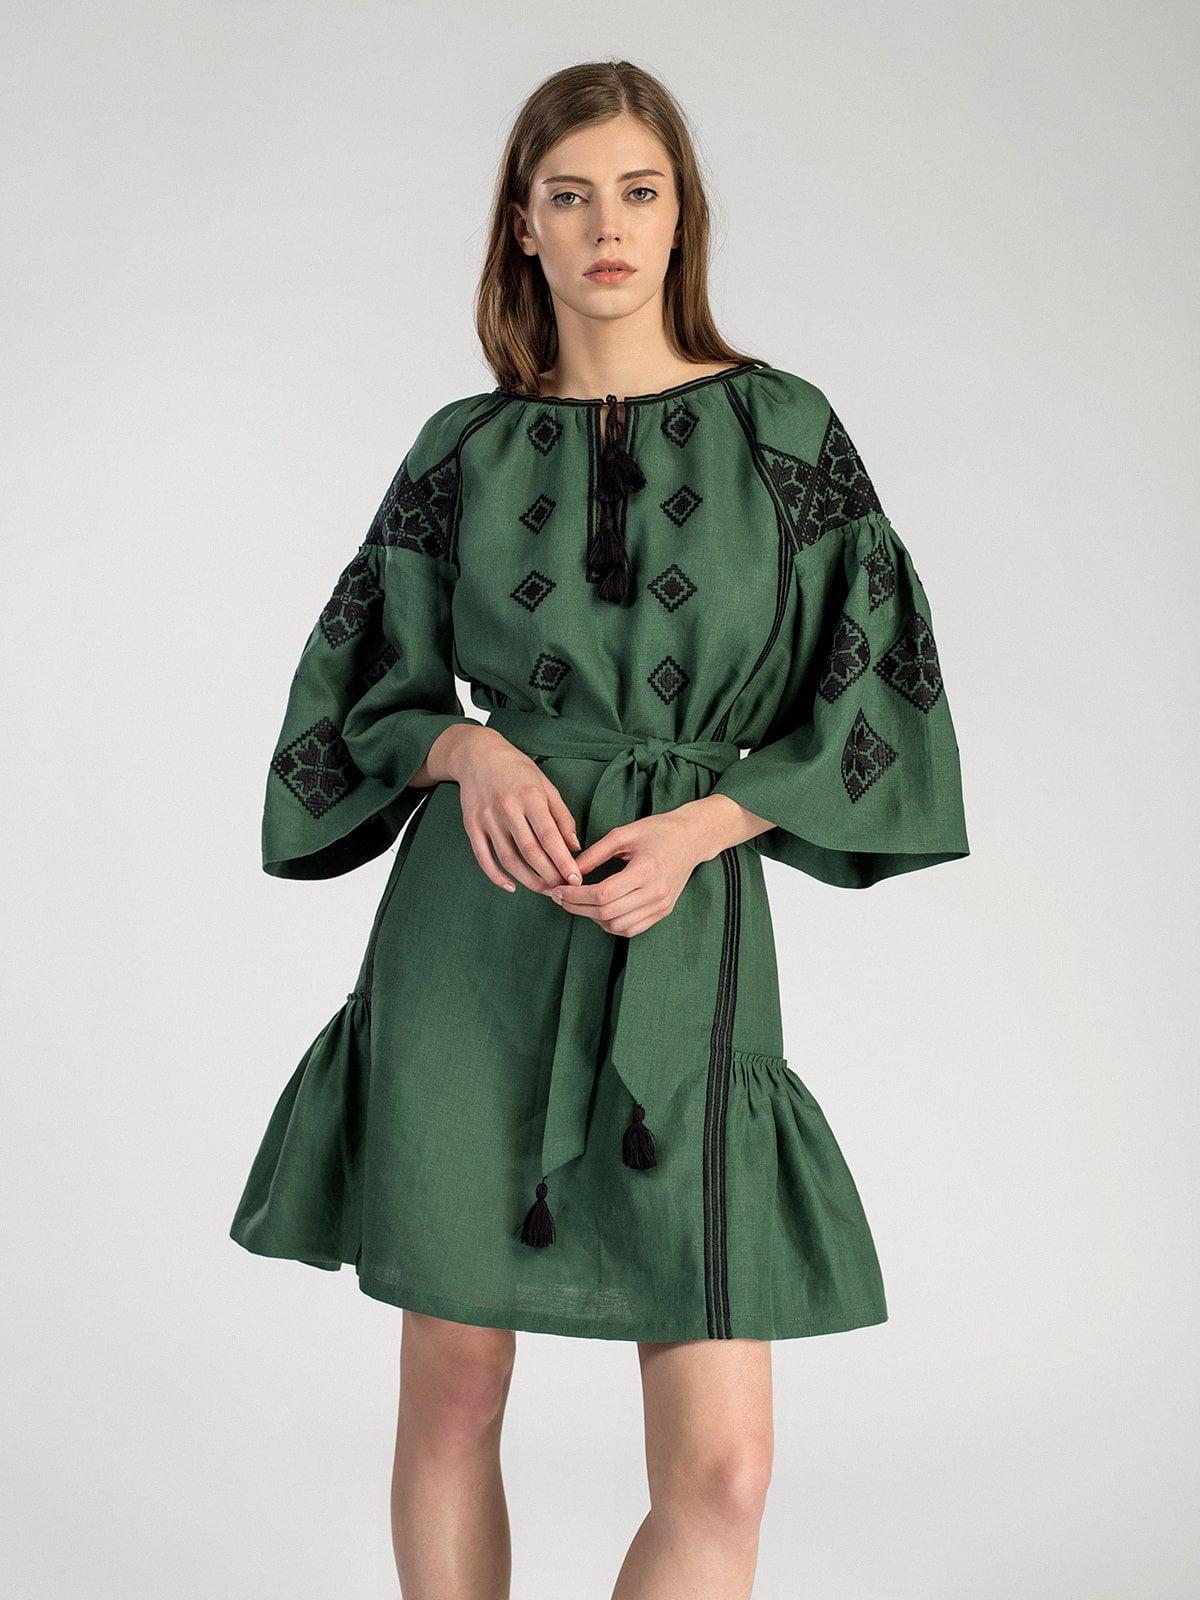 Темно-зелена вишита сукня з пишними рукавами MD22 Green – купити в ... 7ddcc5e076a07